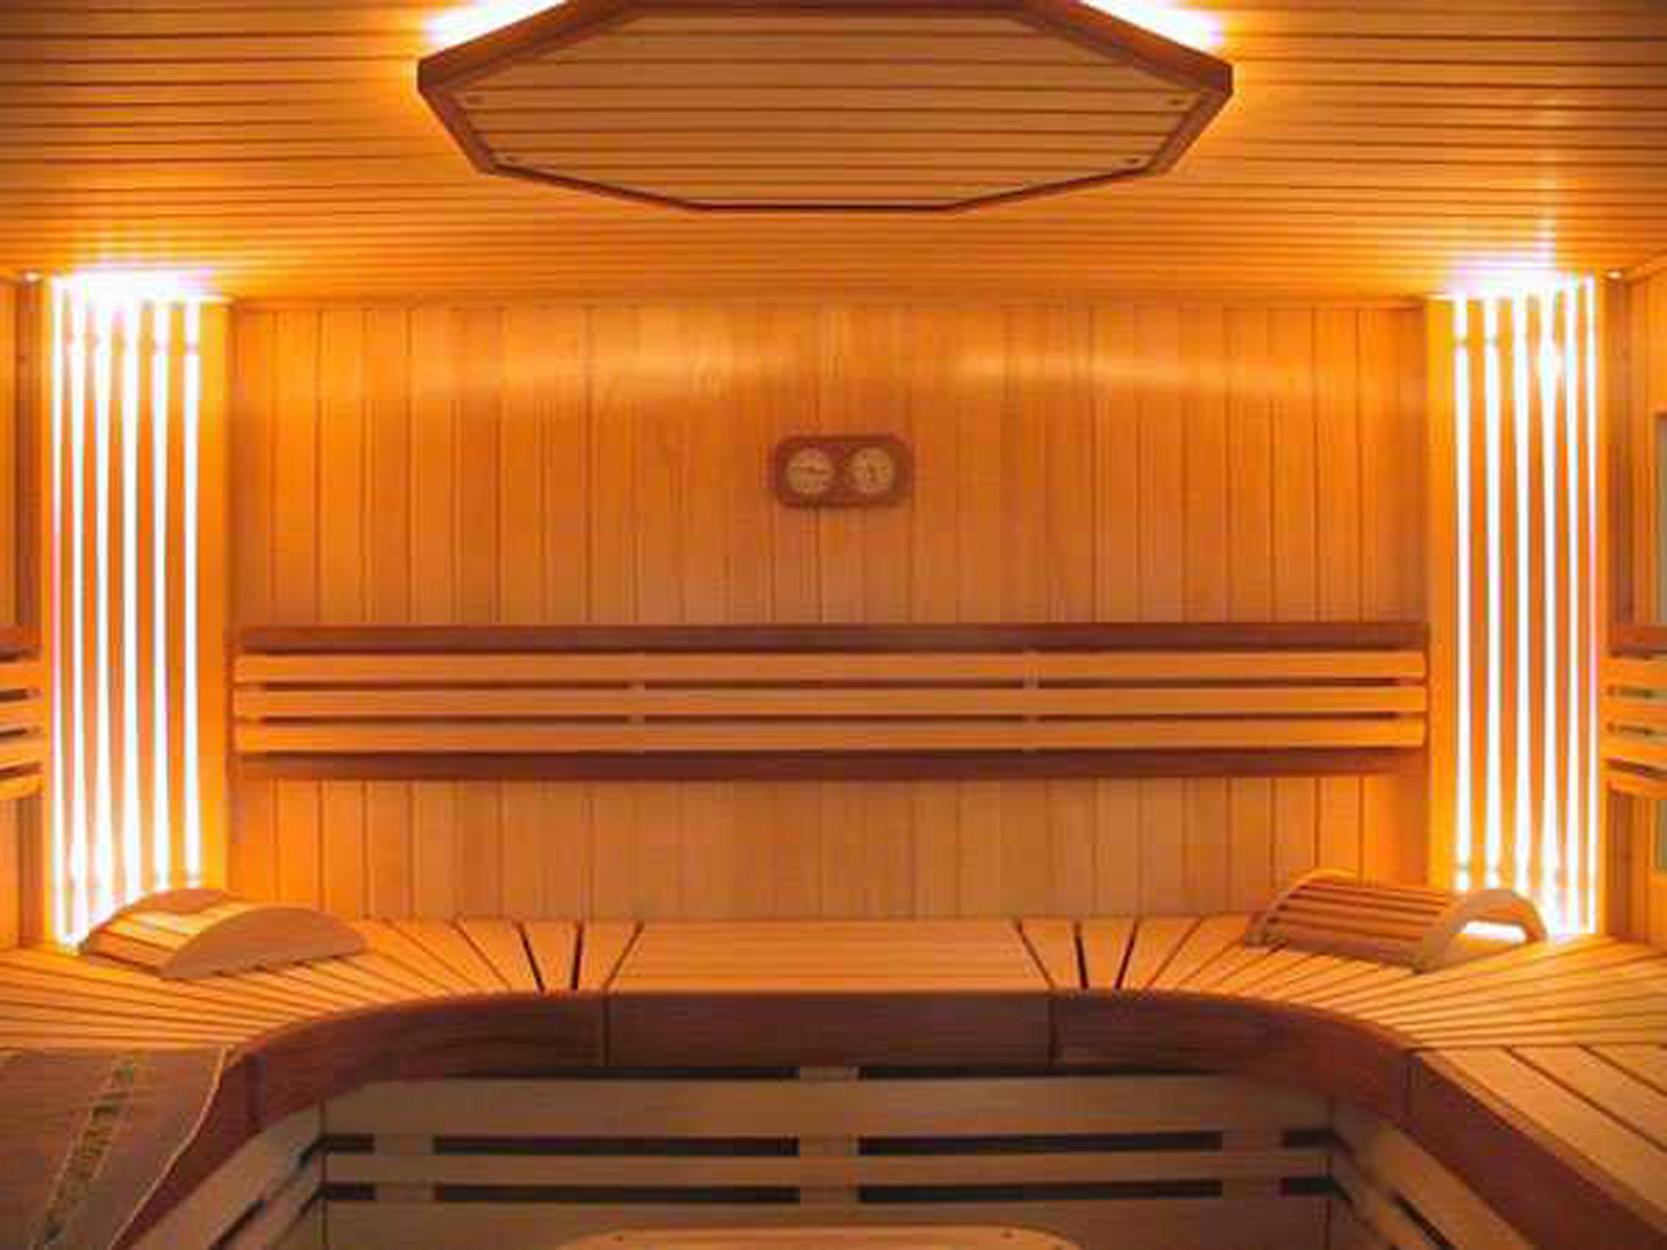 Мебель из дерева для бани и сауны подходит лучше всего.